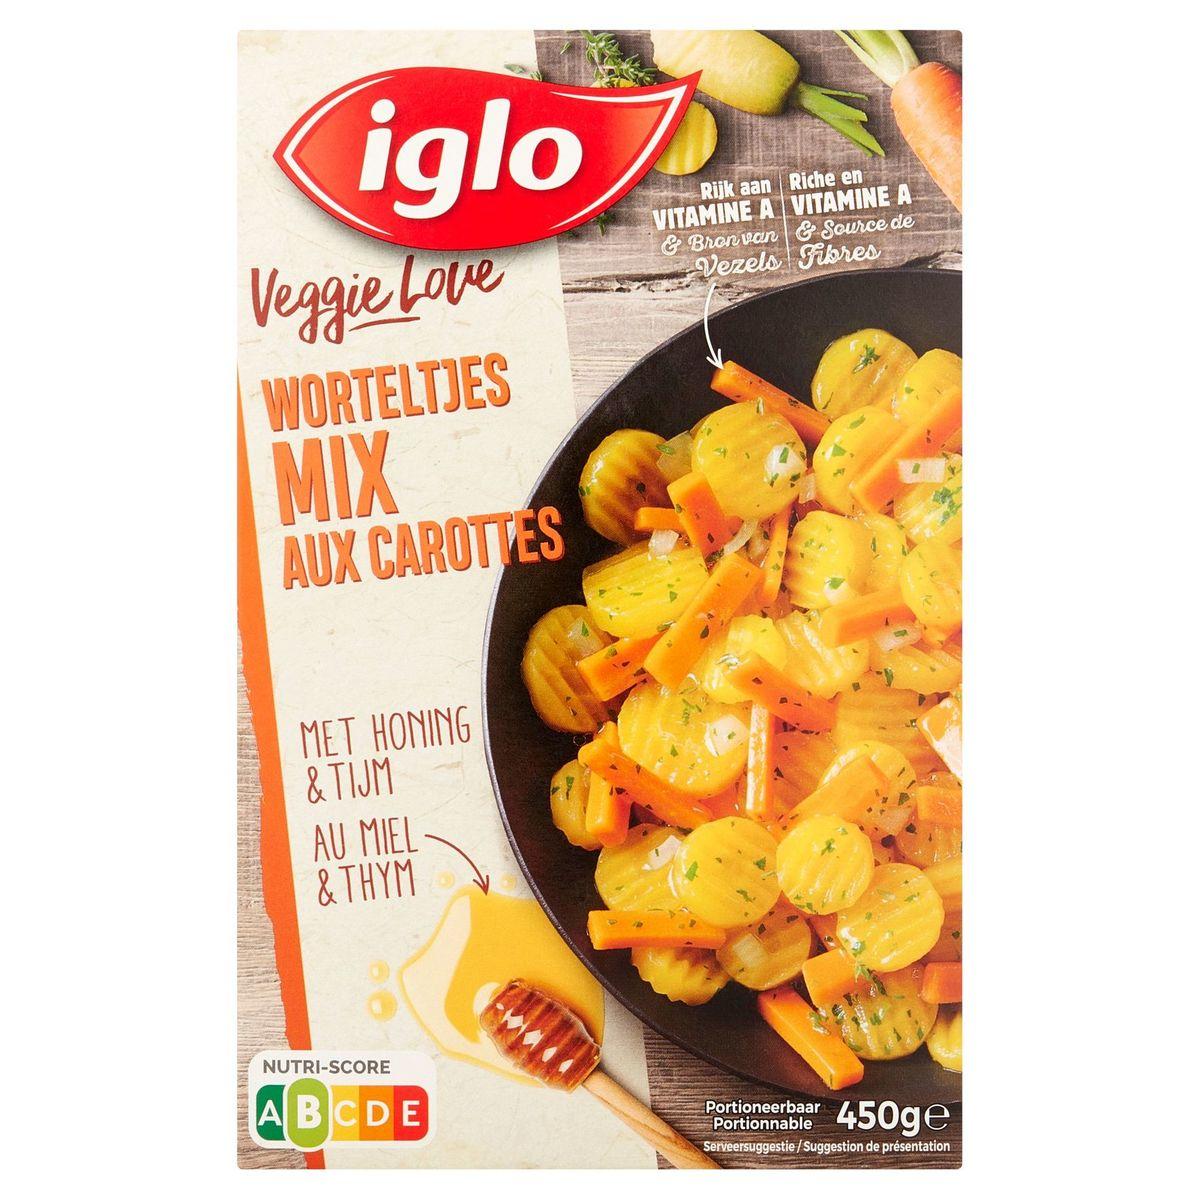 Iglo Veggie Love Mix de Carottes au Miel et Thym 450 g